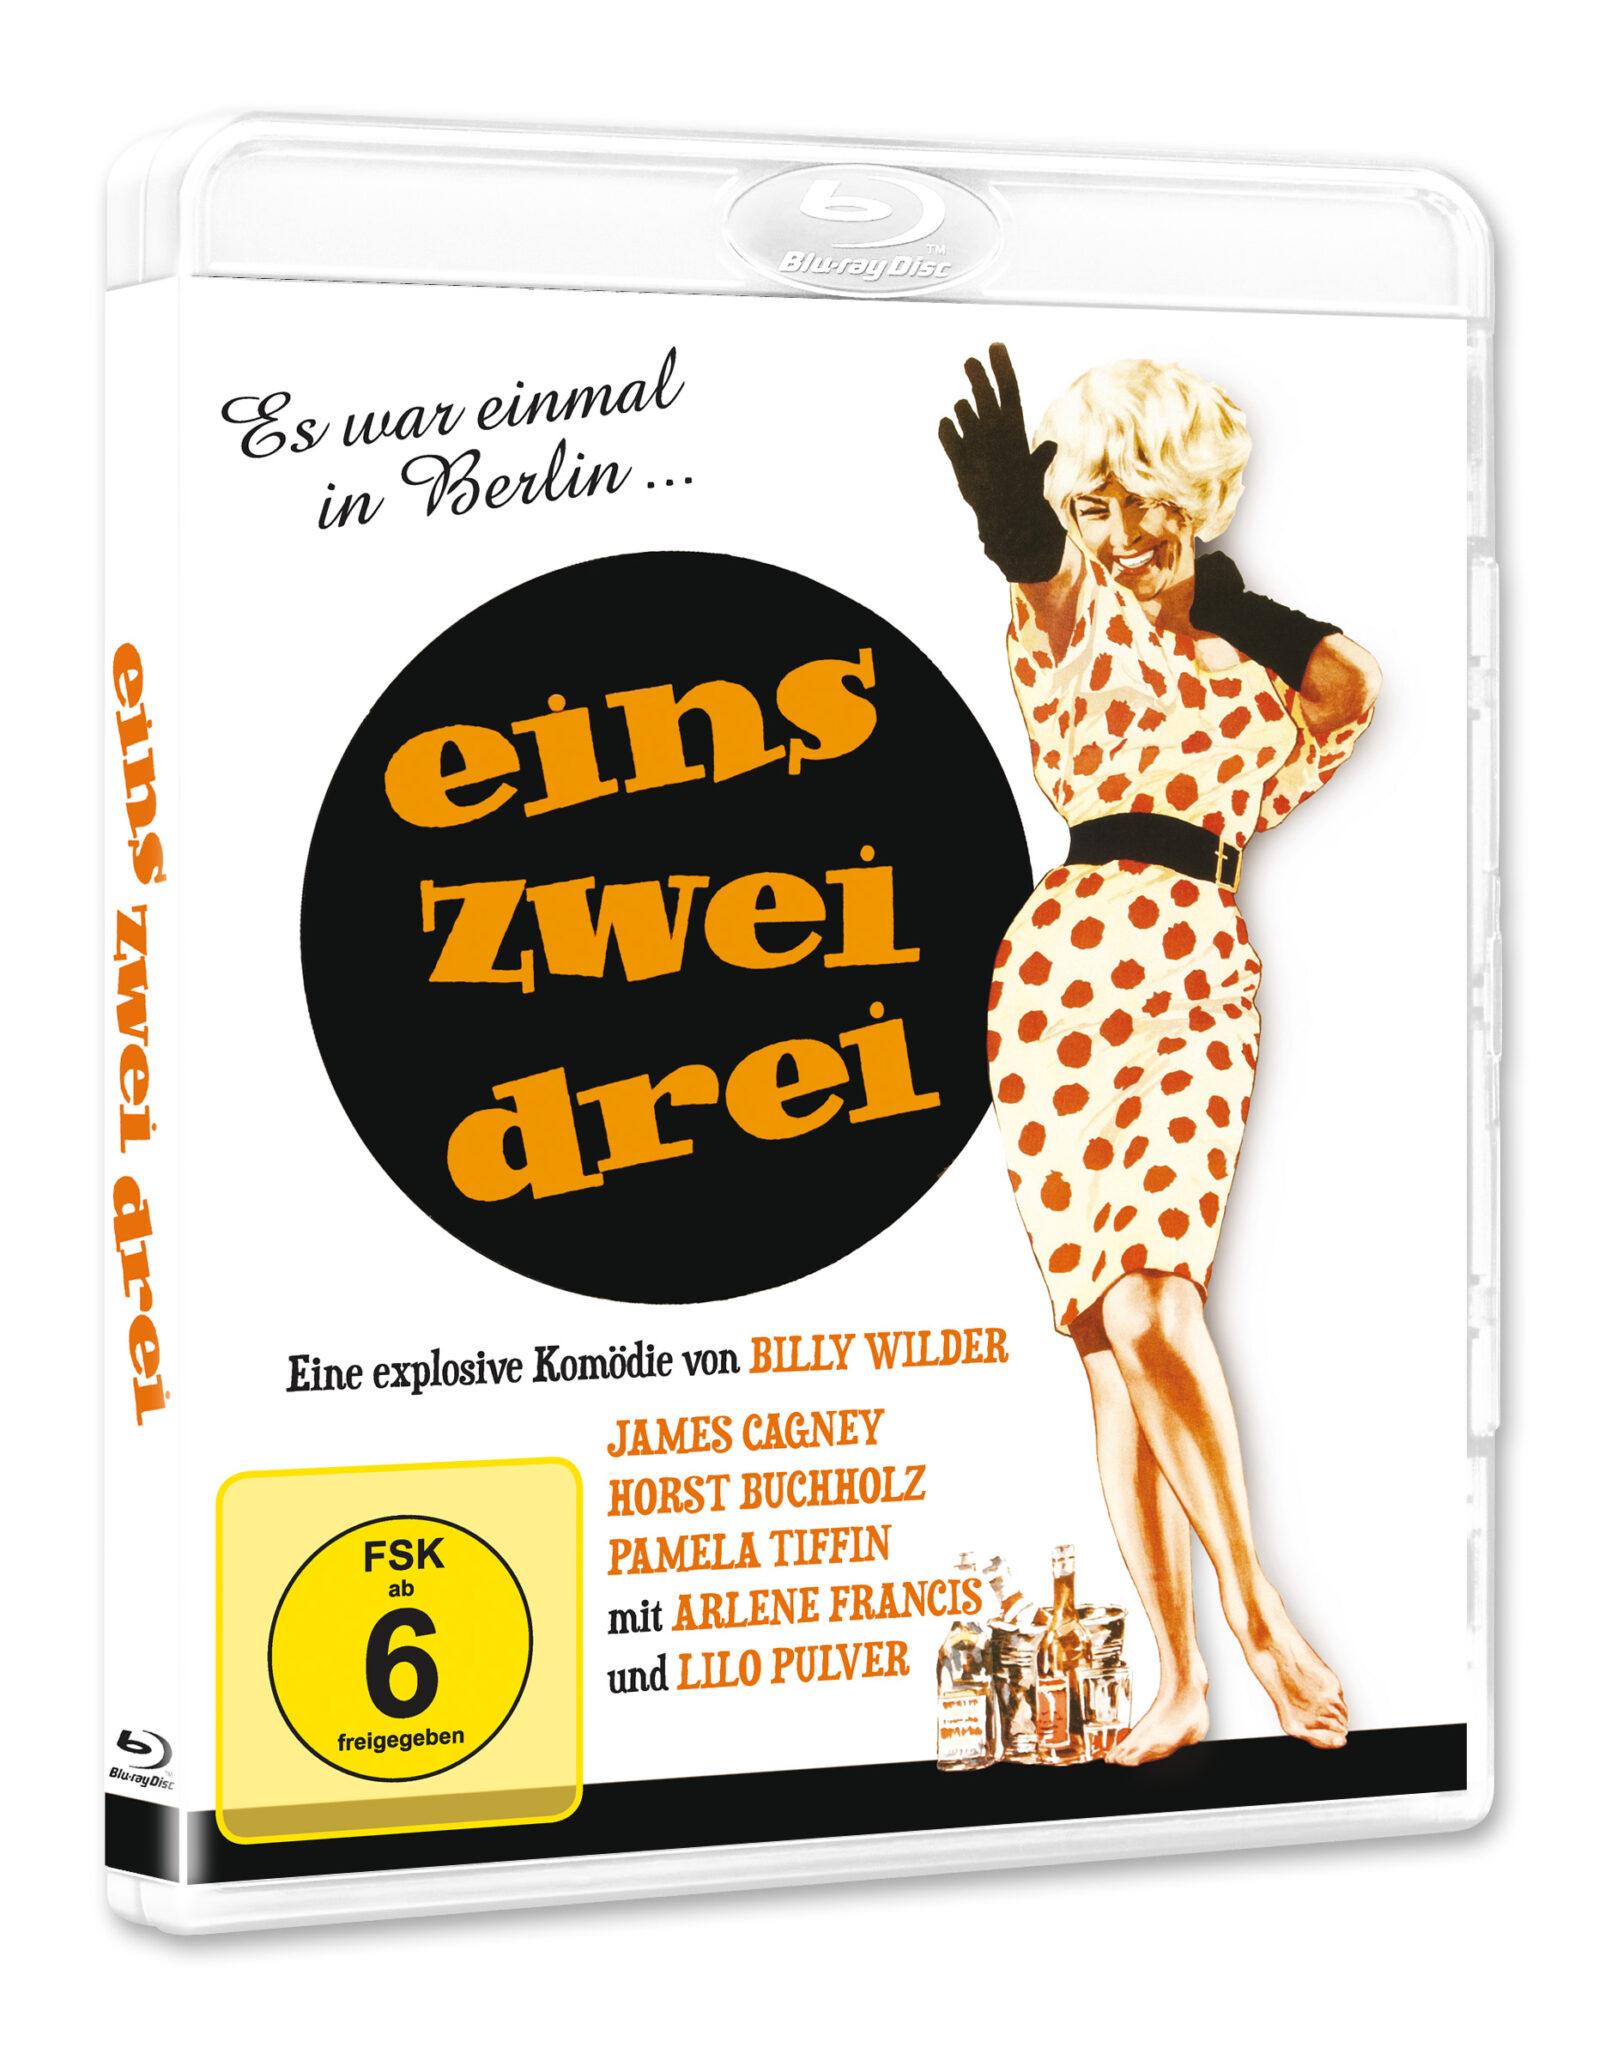 Das Cover der Blu-ray zu Eins, zwei, drei zeigt Liselotte Pulver in ihrer Rolle der Fräulein Ingeborg, wie sie im Polka-Dot-Kleid tanzt.